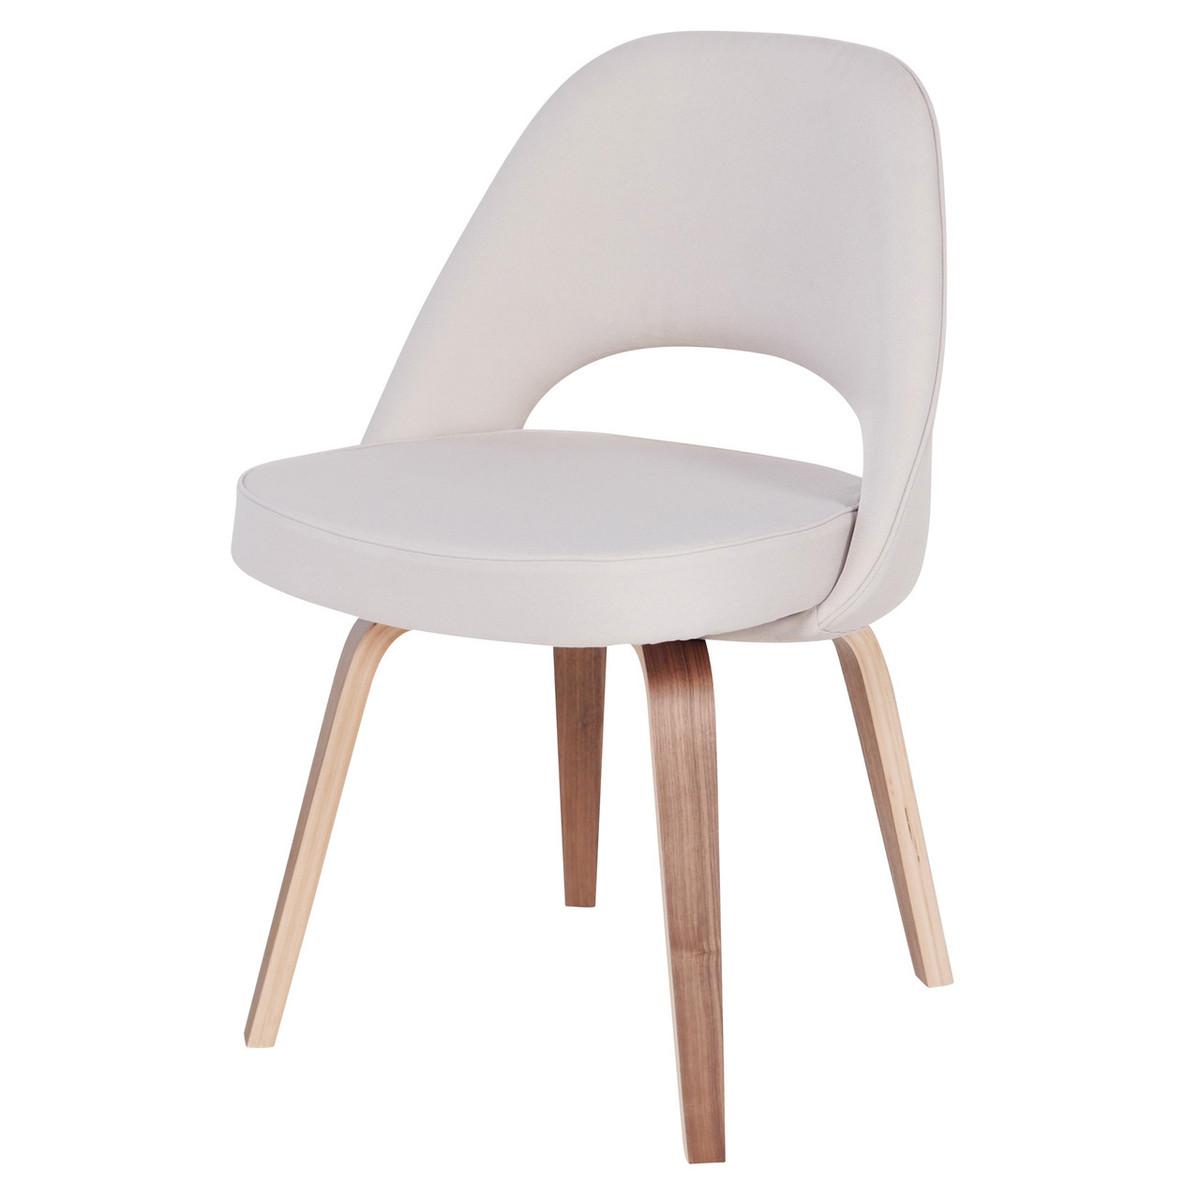 Saarinen Style Dining Chair